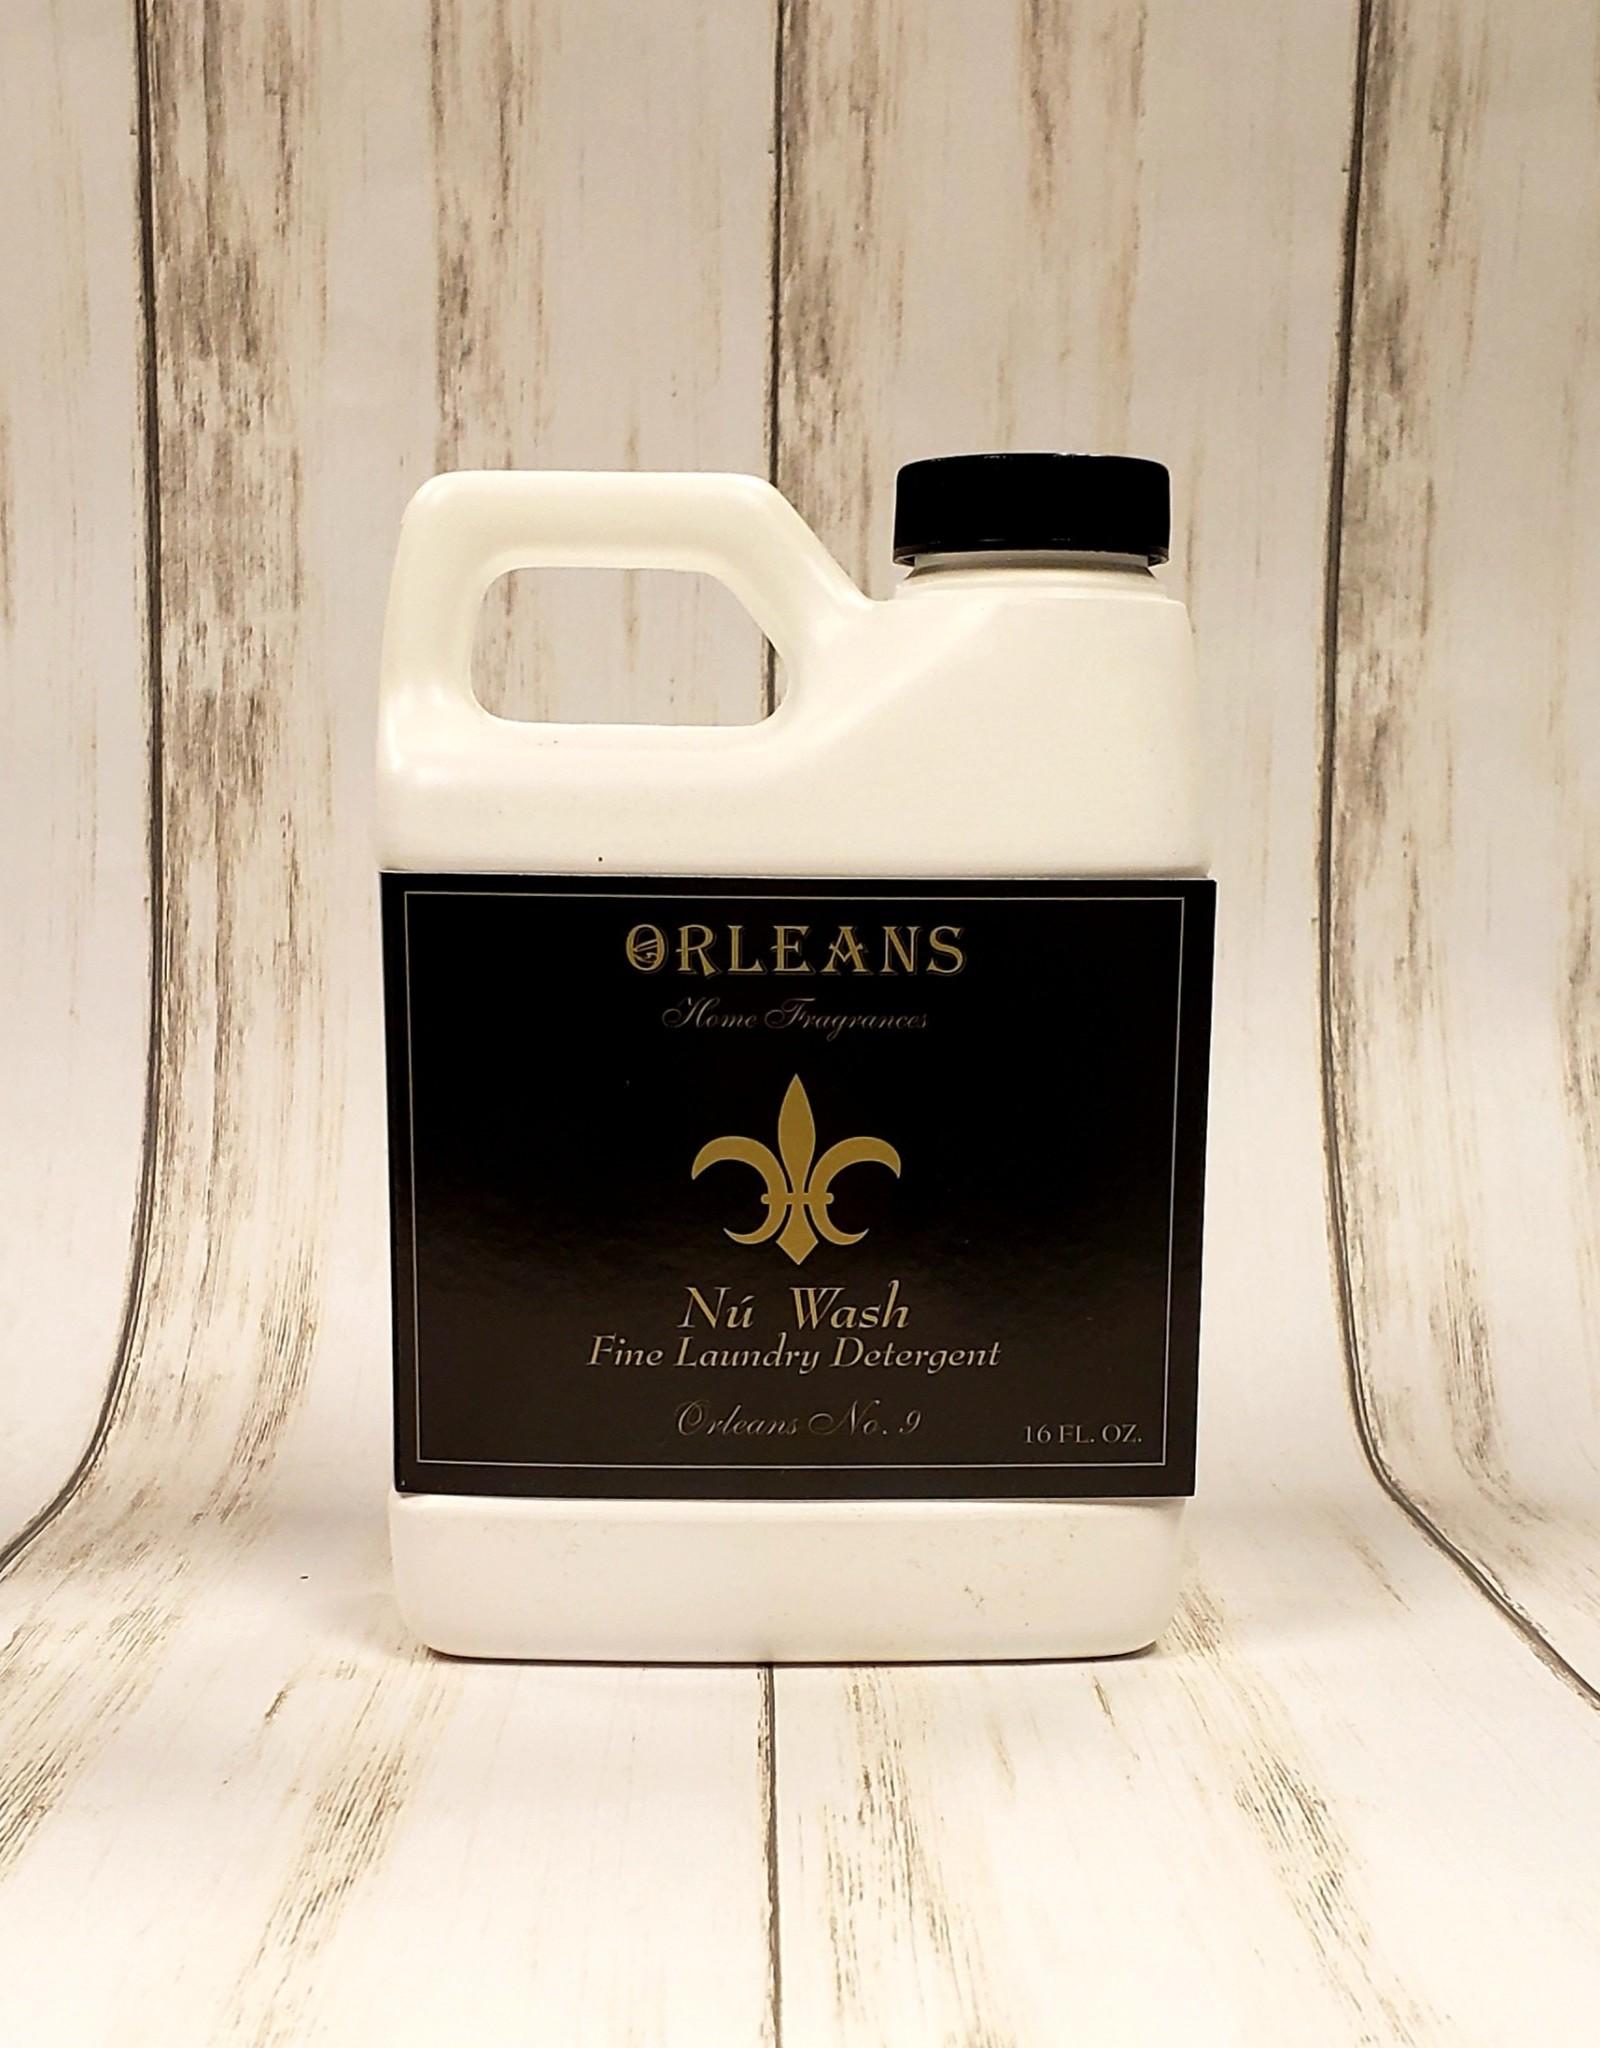 Orleans Laundry Detergent 16 Oz.